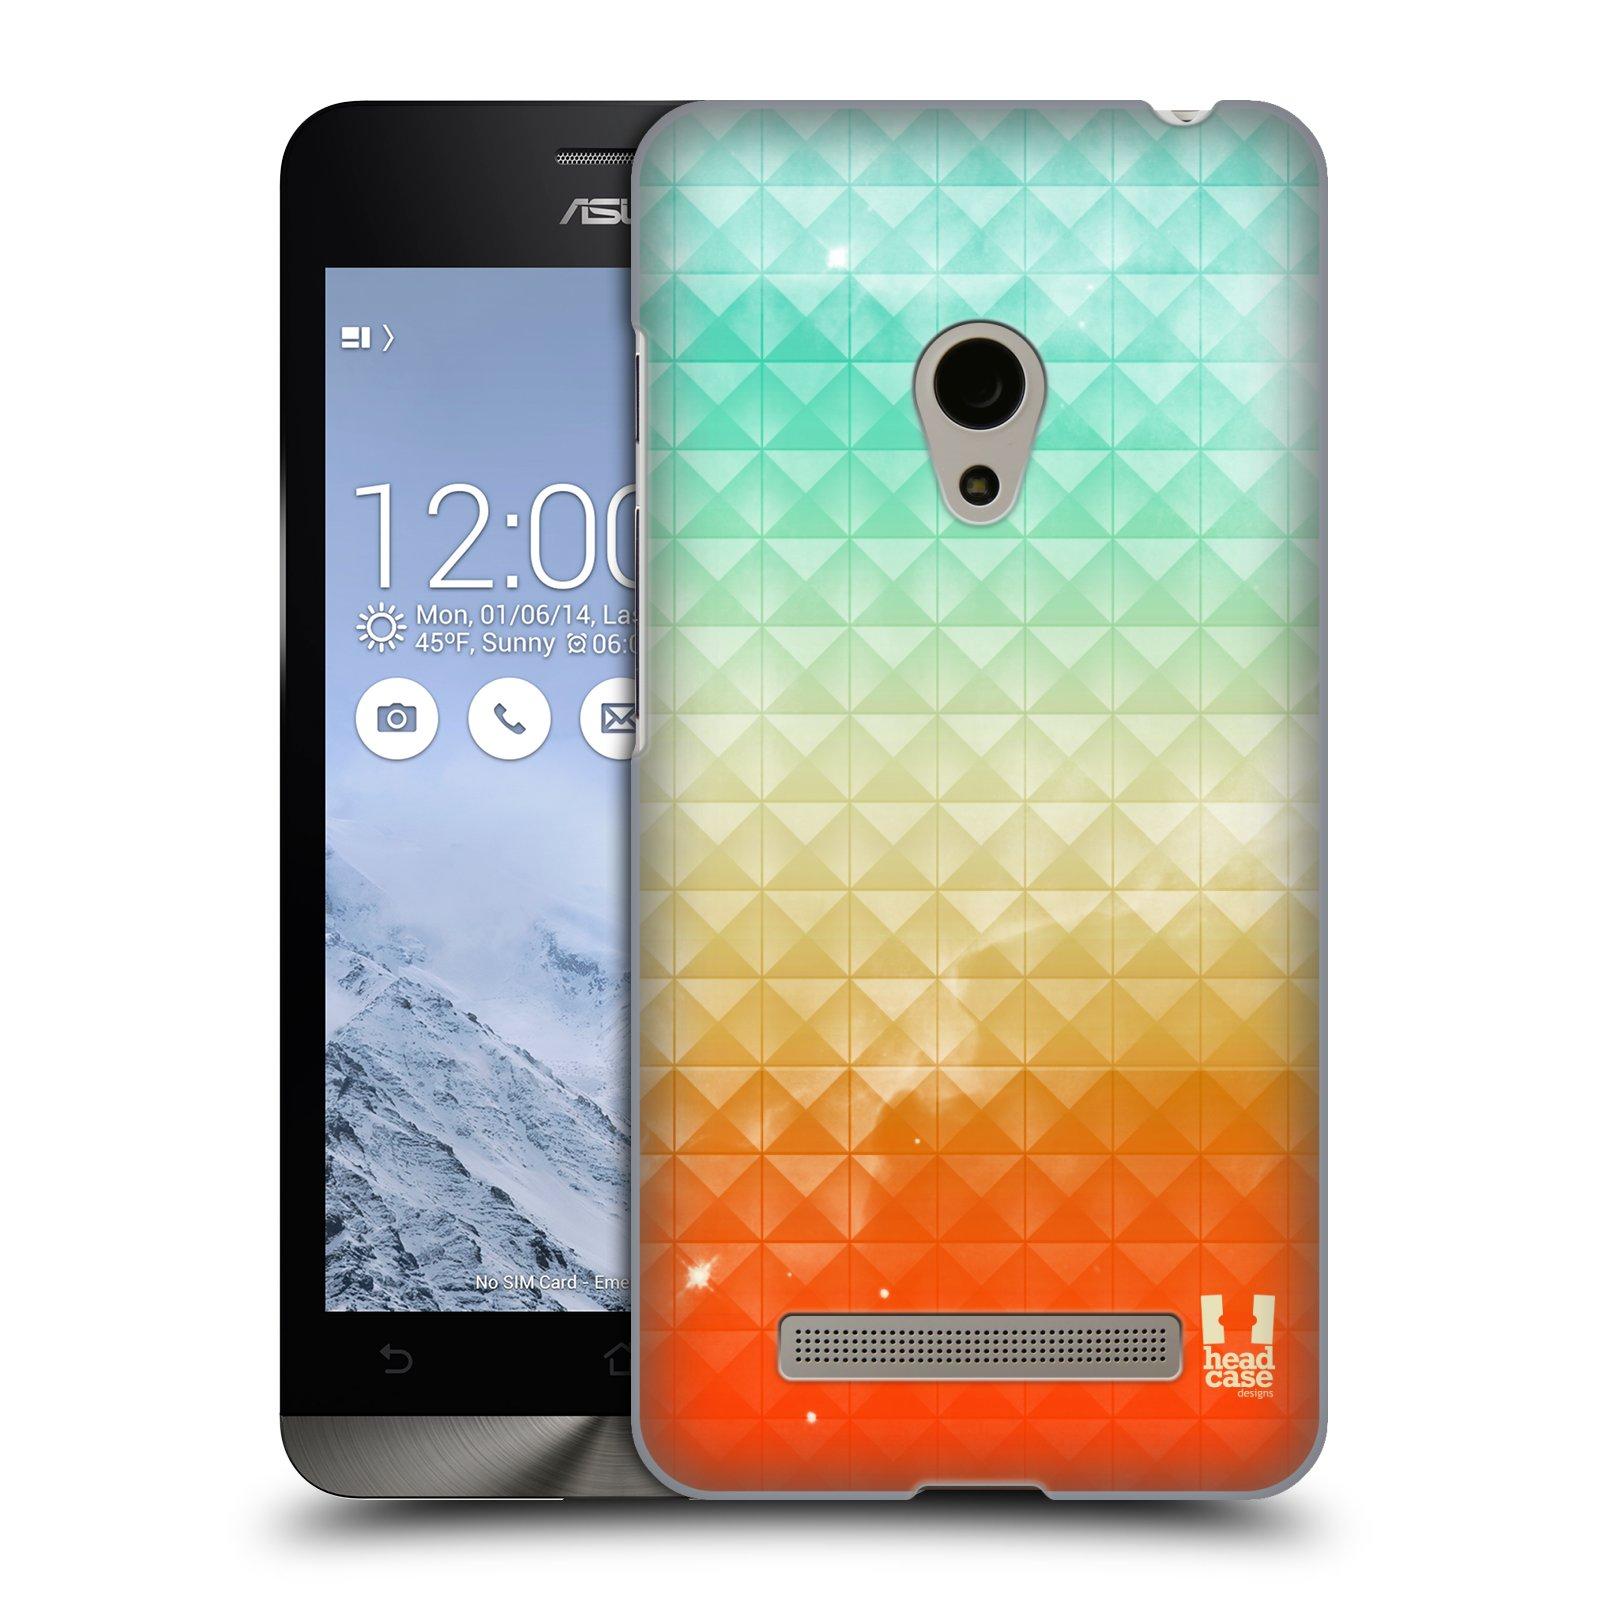 HEAD CASE plastový obal na mobil Asus Zenfone 5 vzor Hvězdná obloha hvězdy a slunce ORANŽOVA A MODRÁ